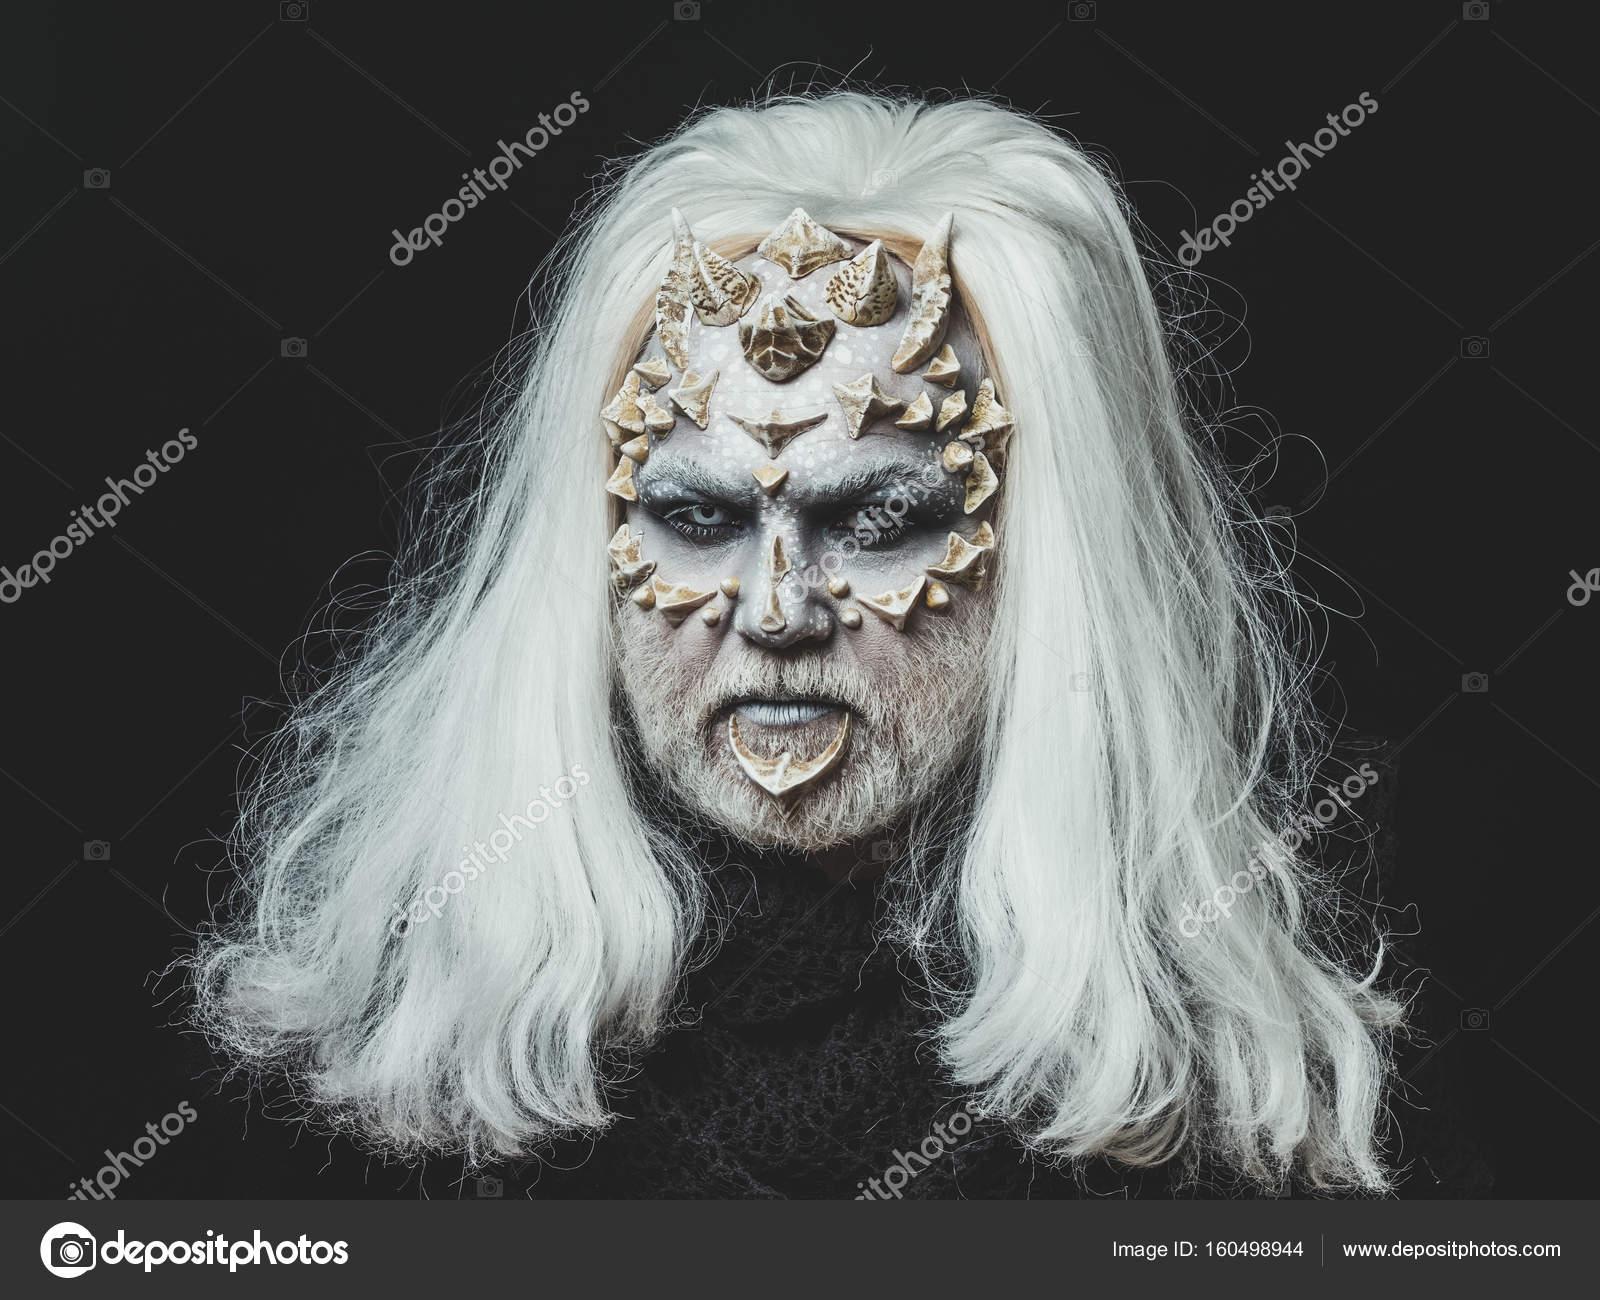 Horror Und Fantasy Konzept Stockfoto Tverdohlibcom 160498944